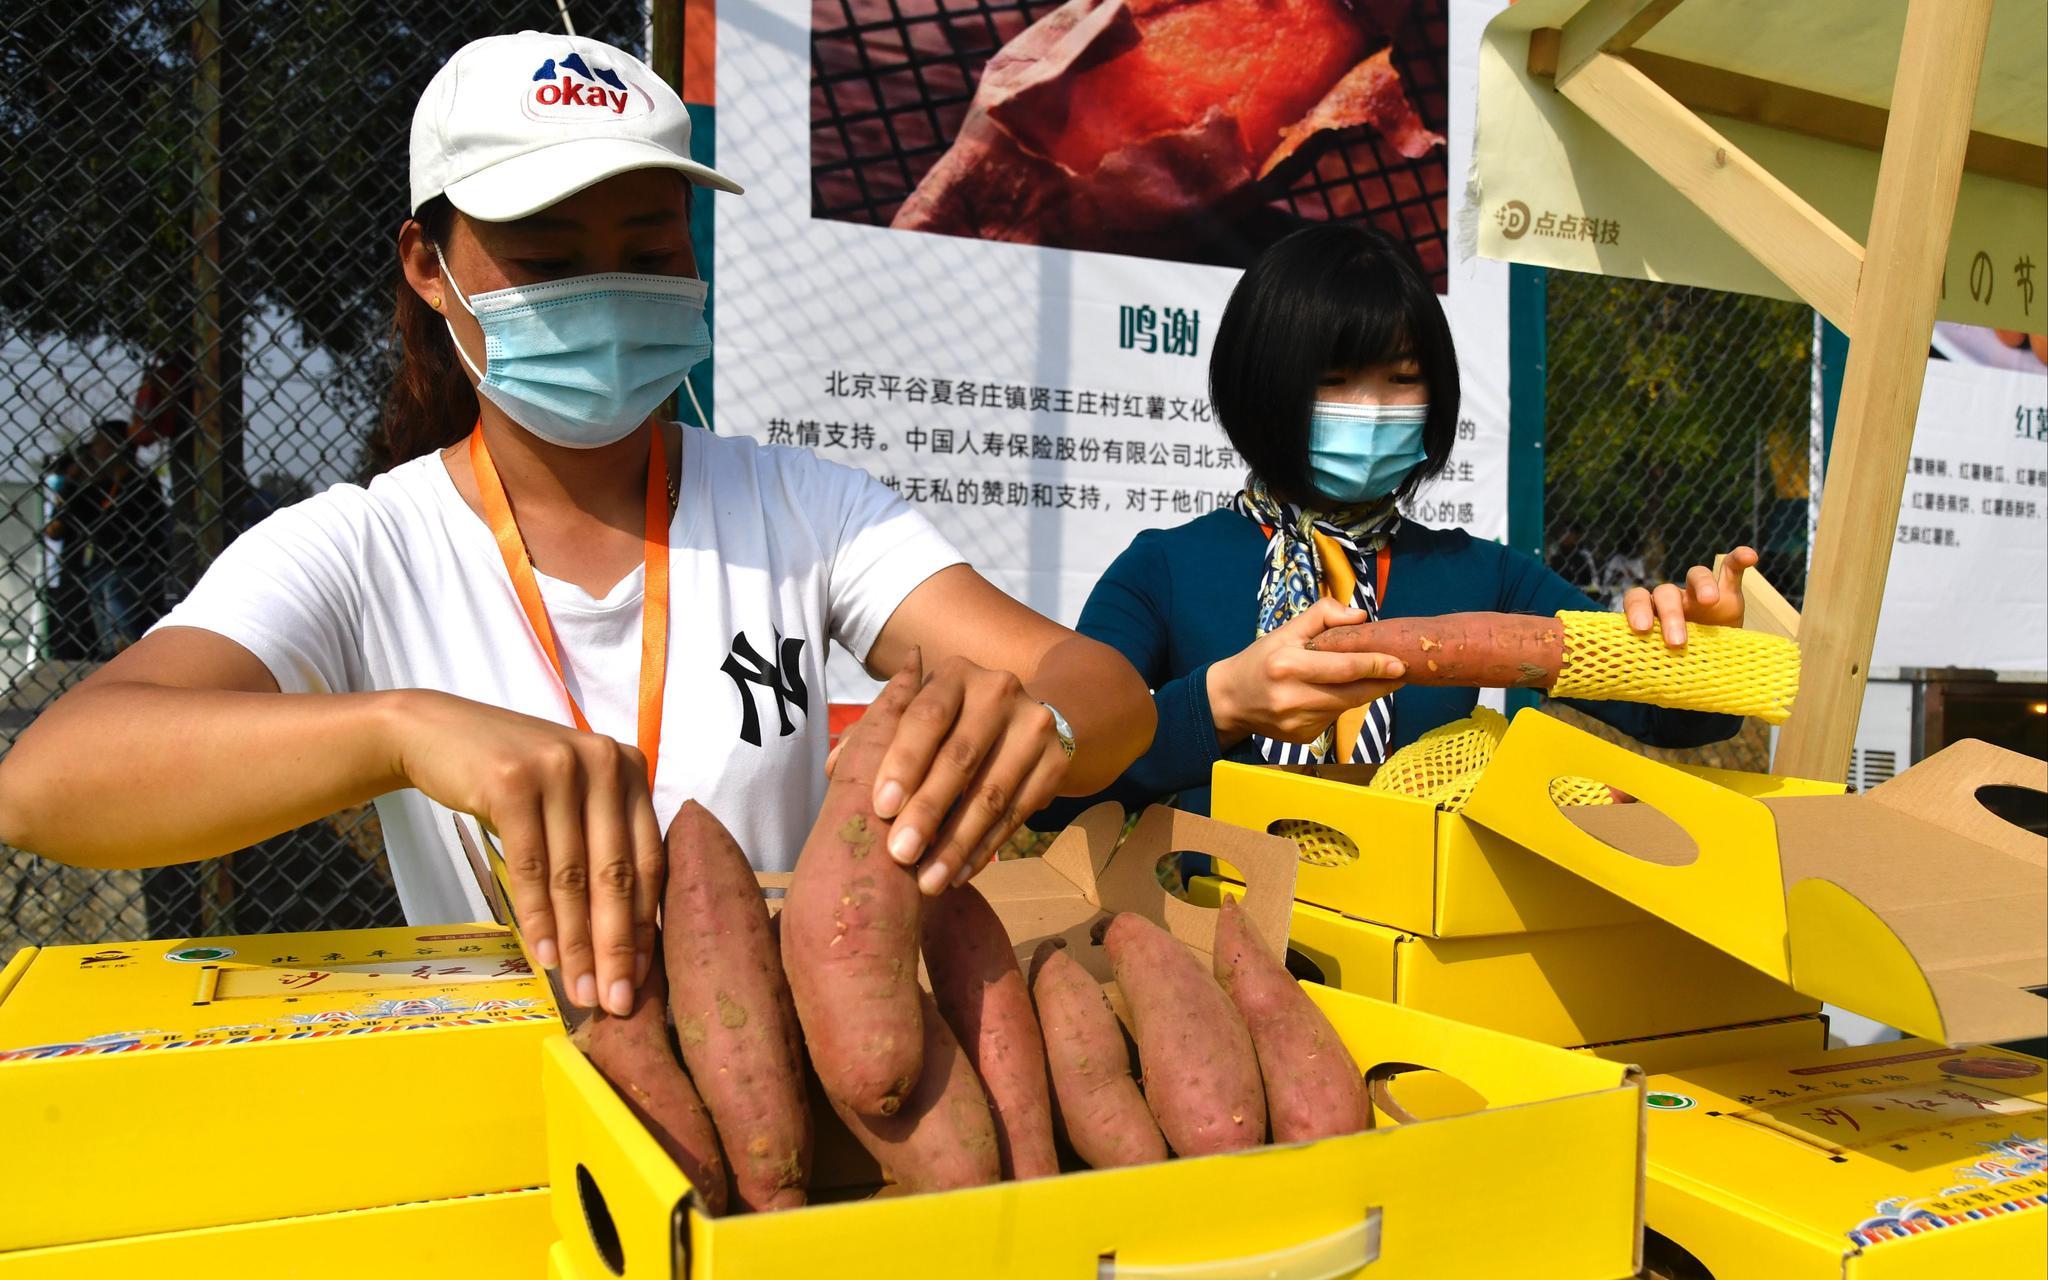 红薯文化节上,事情职员在展示沙红薯。拍照/新京报记者 吴宁